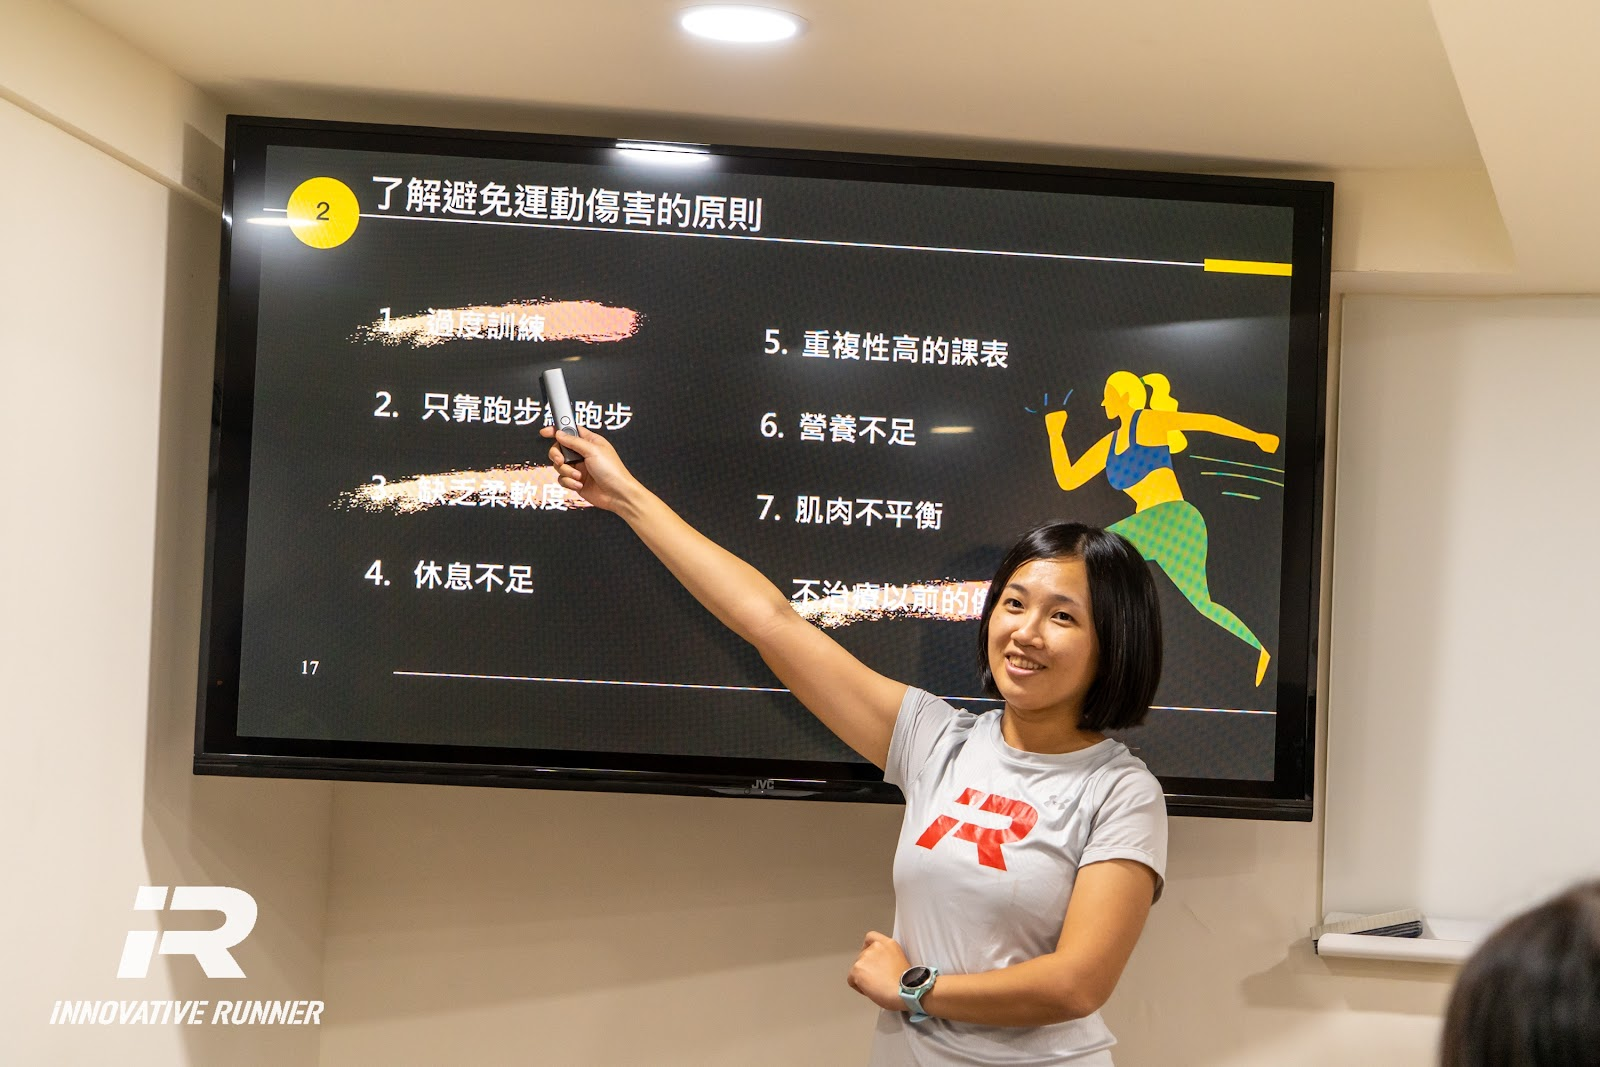 台灣大哥大路跑社 RQxIR 跑者防護講座